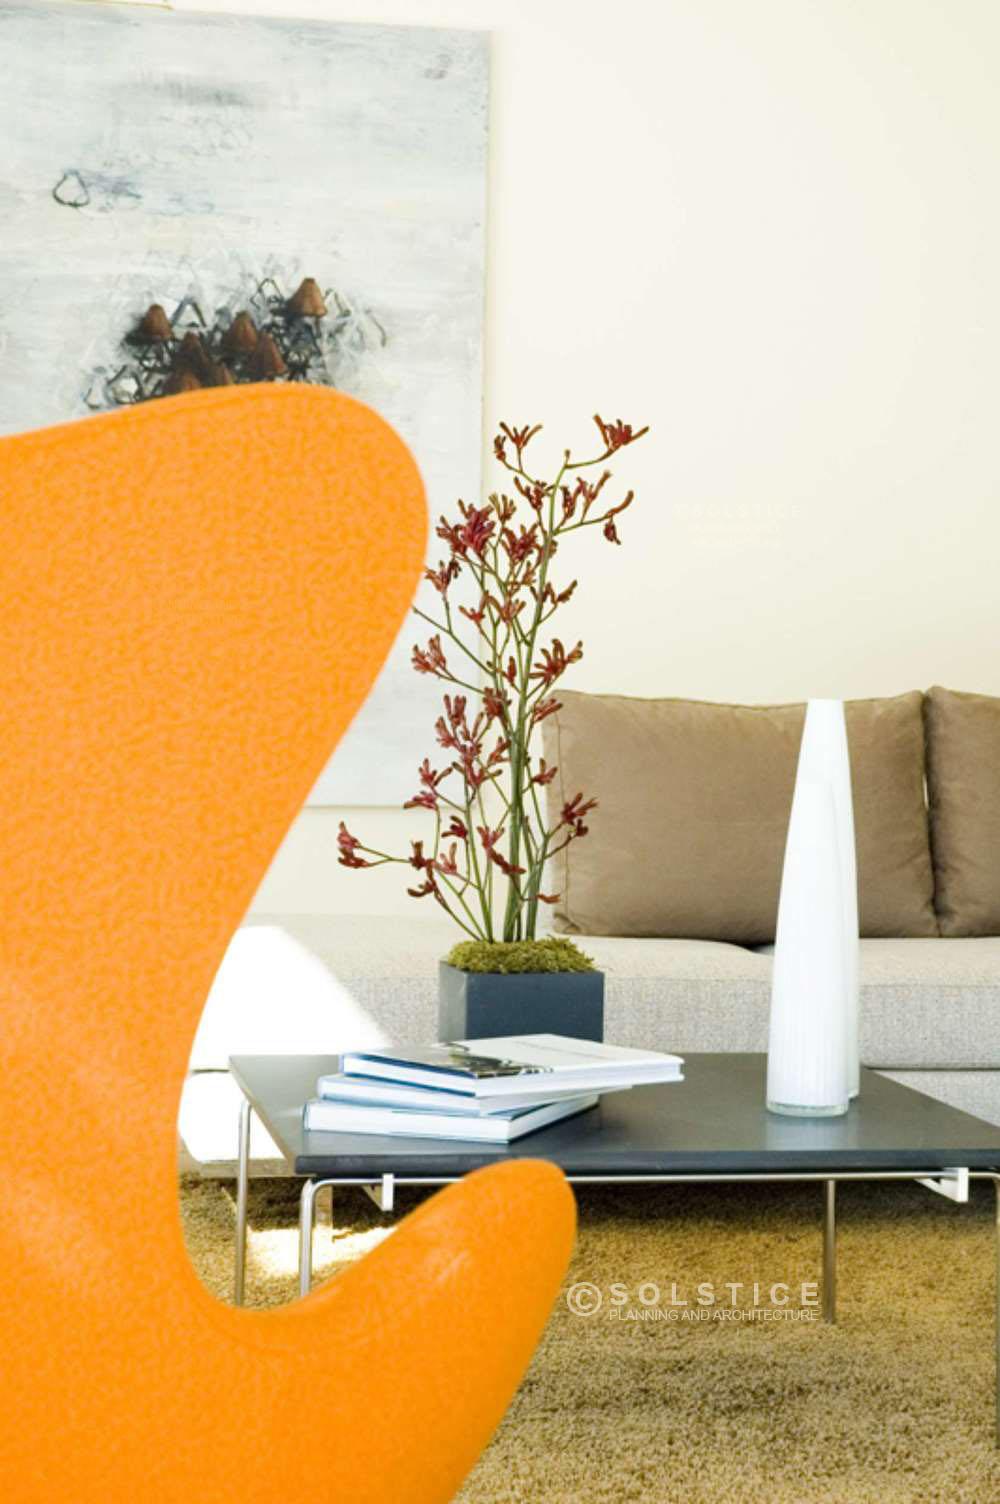 SOLSTICE+Noel+Residence+08+watermark.jpg